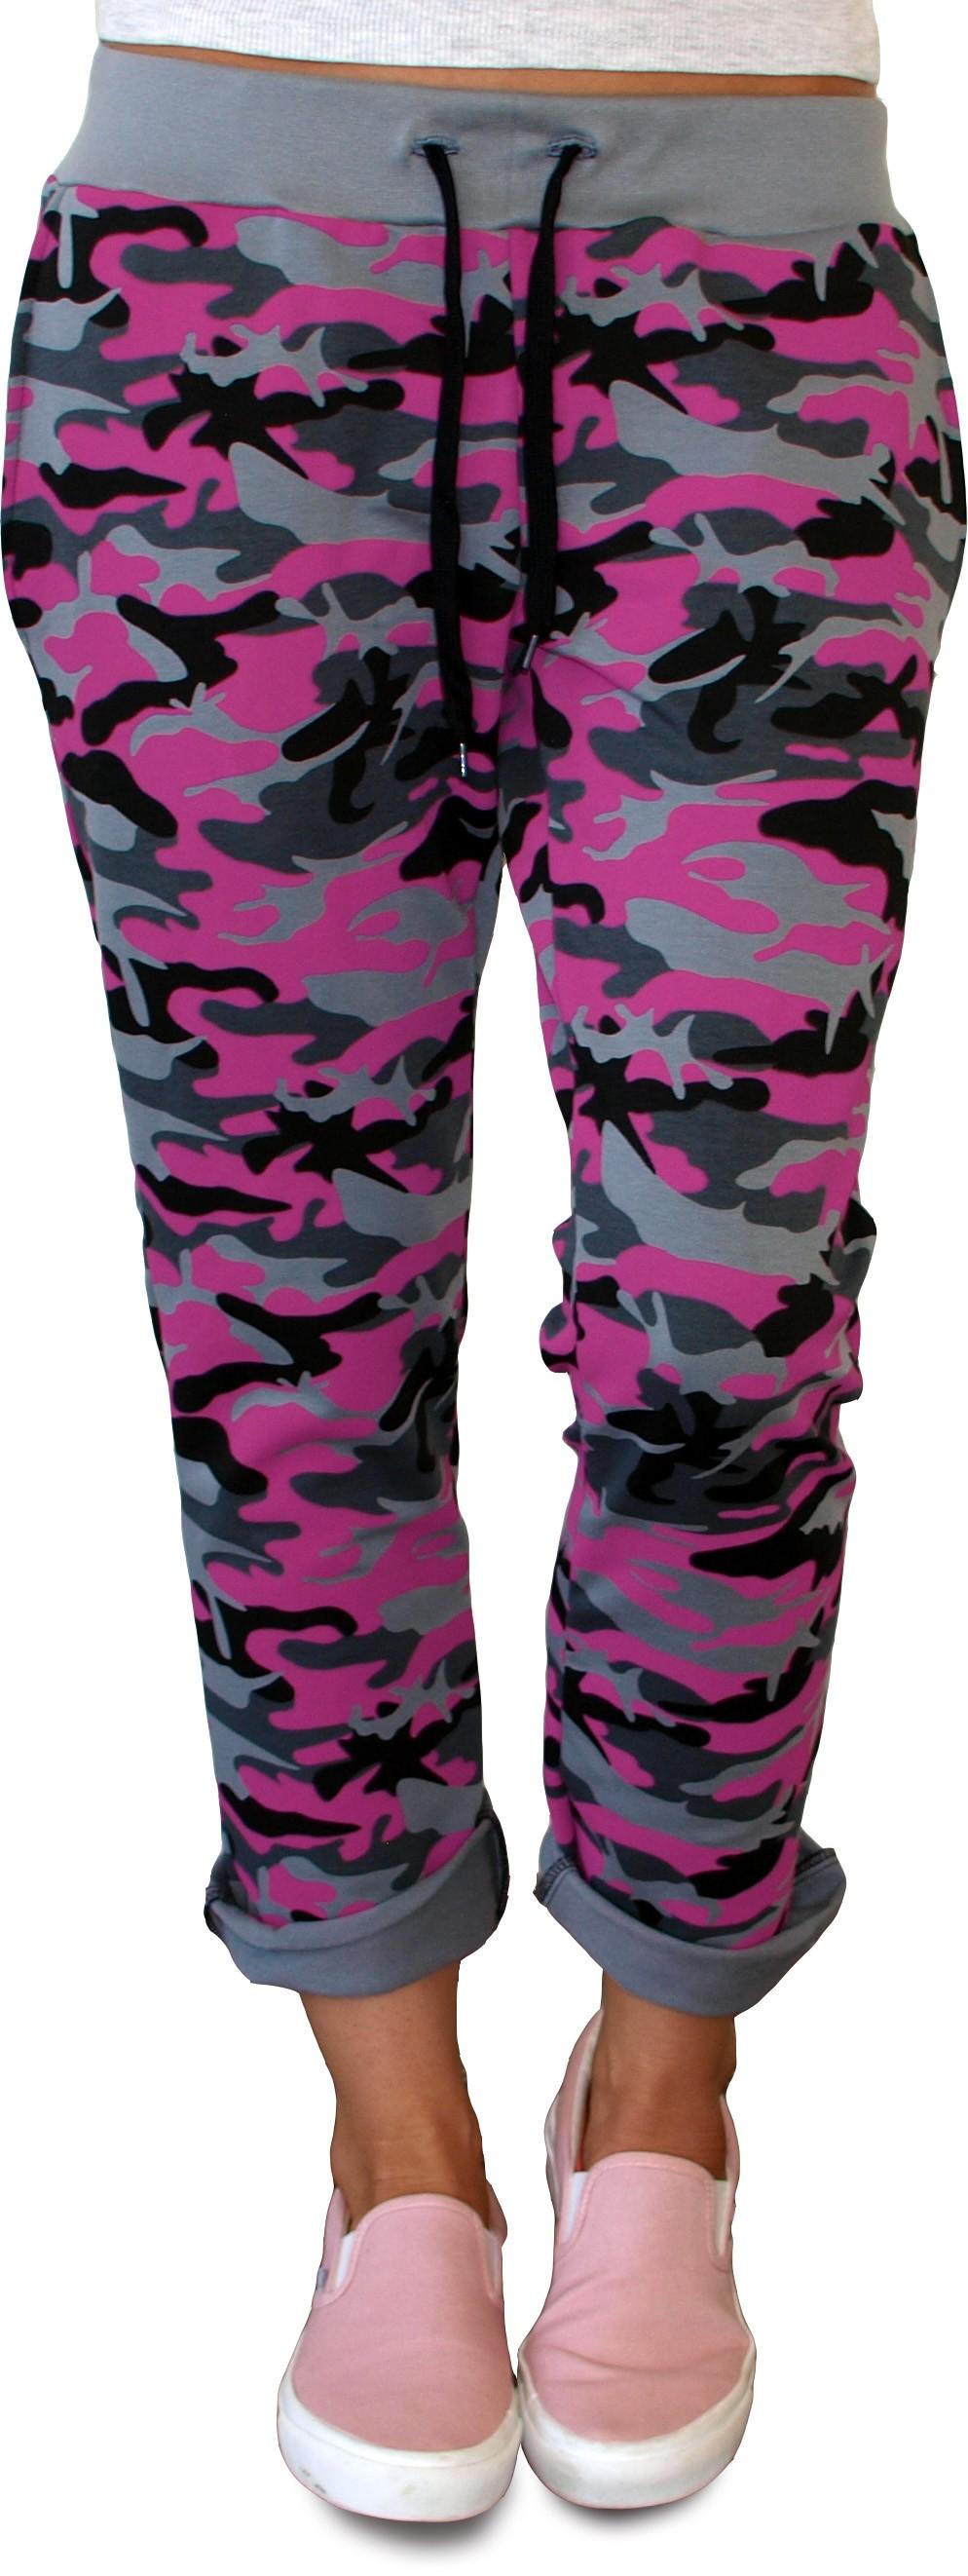 71594901d4 Dámske tepláky Barrsa Light Style camo   pink - Glami.sk